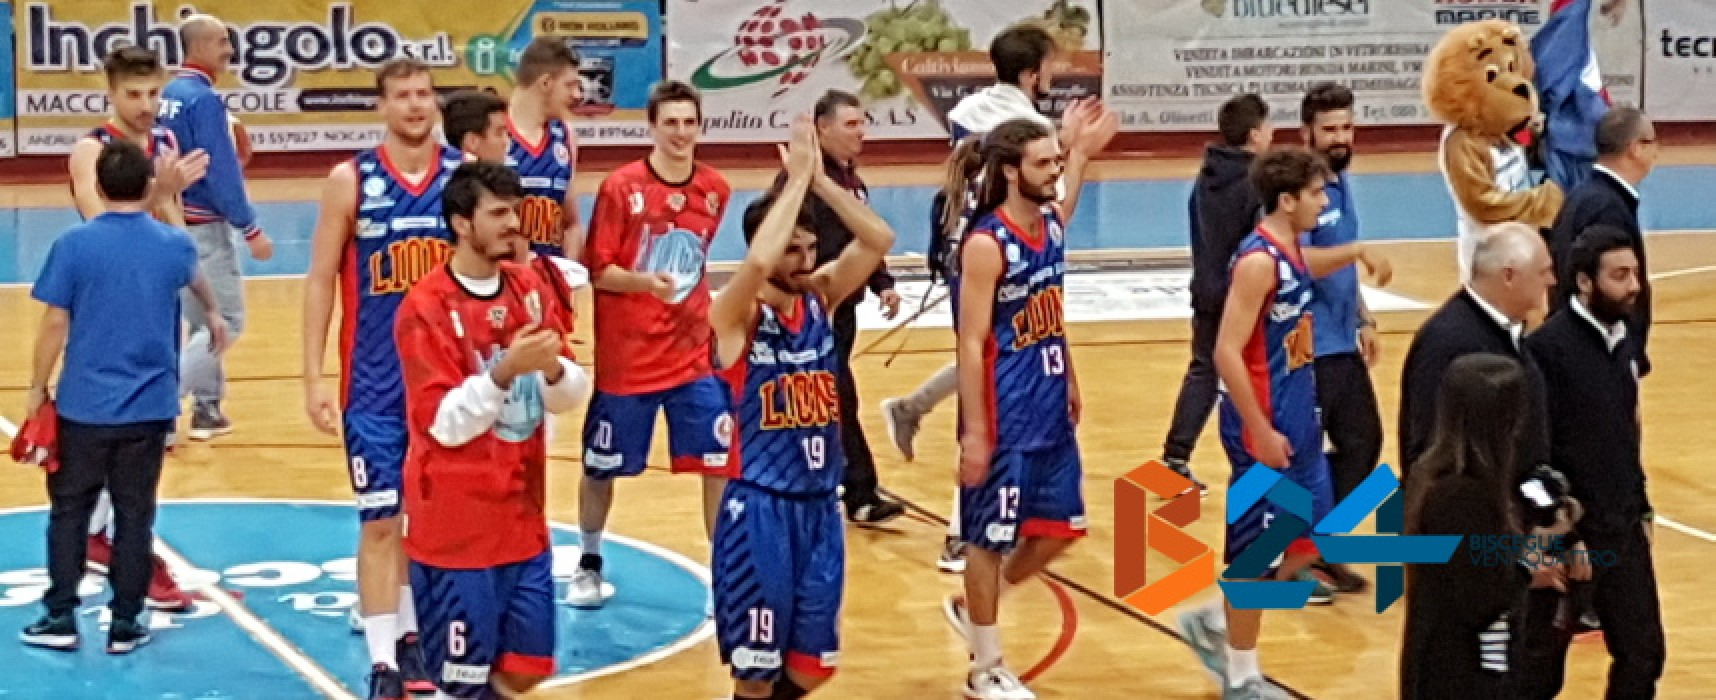 Lions Basket importante vittoria in rimonta contro Senigallia